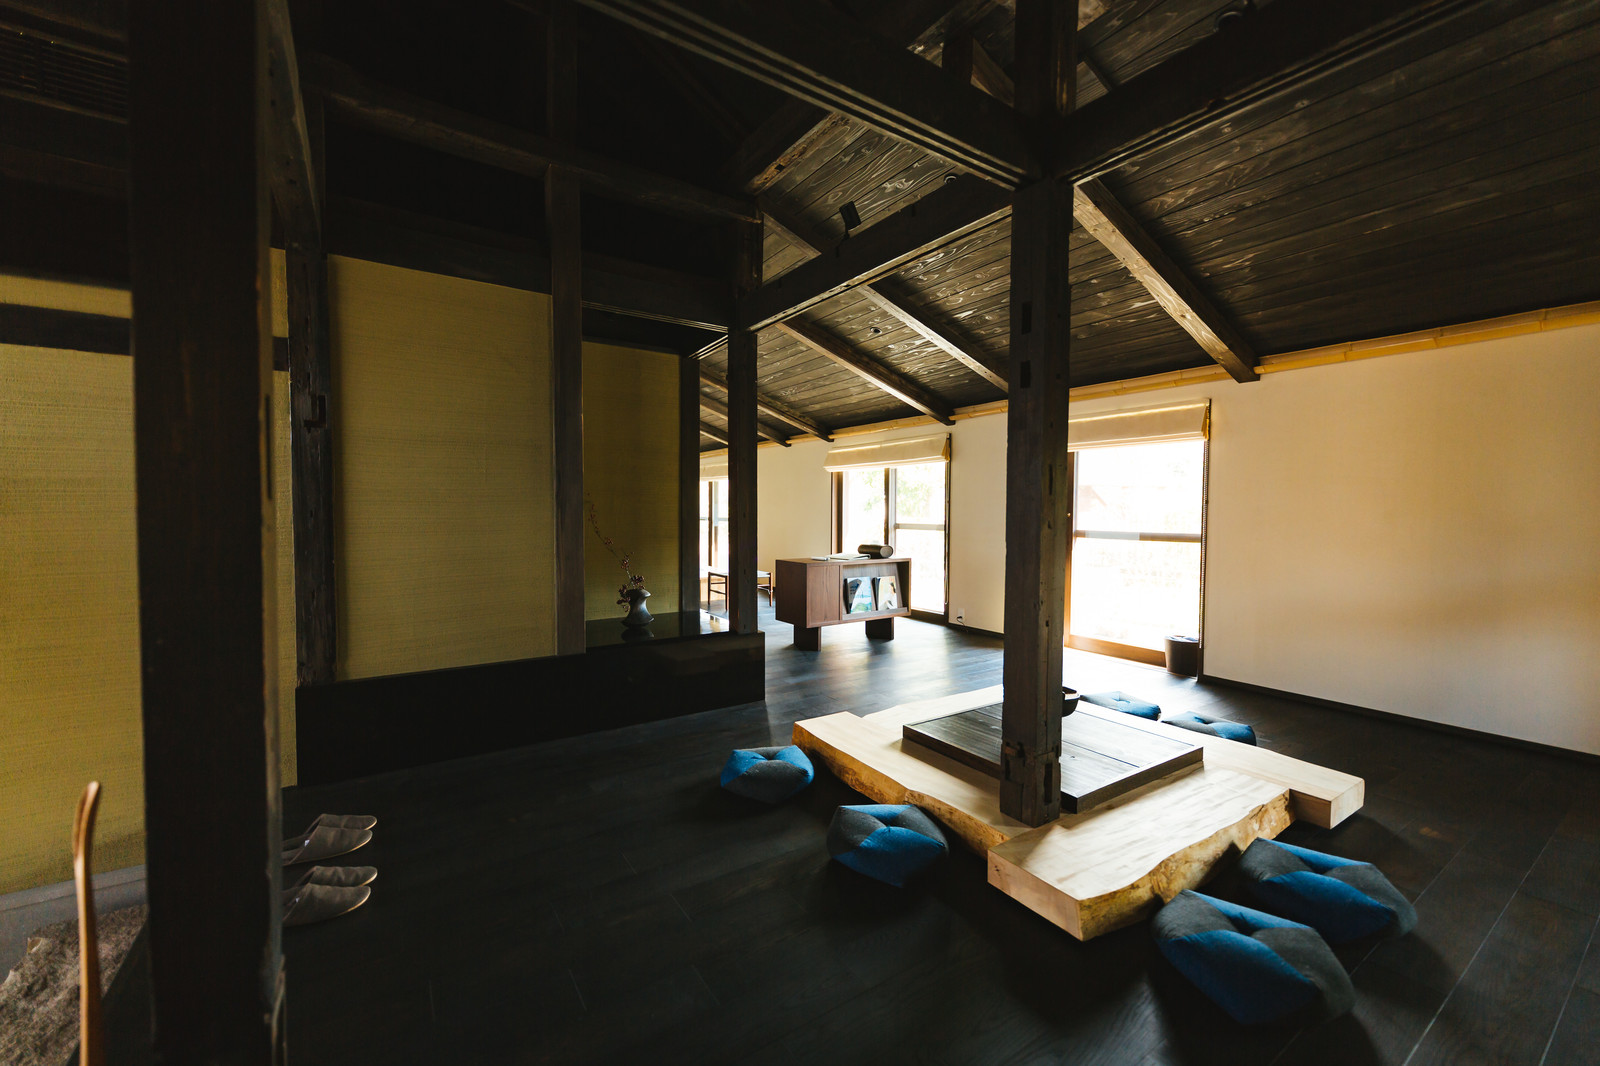 「囲炉裏ある伝統的な古民家[季楽 飫肥(合屋邸)] | 写真の無料素材・フリー素材 - ぱくたそ」の写真